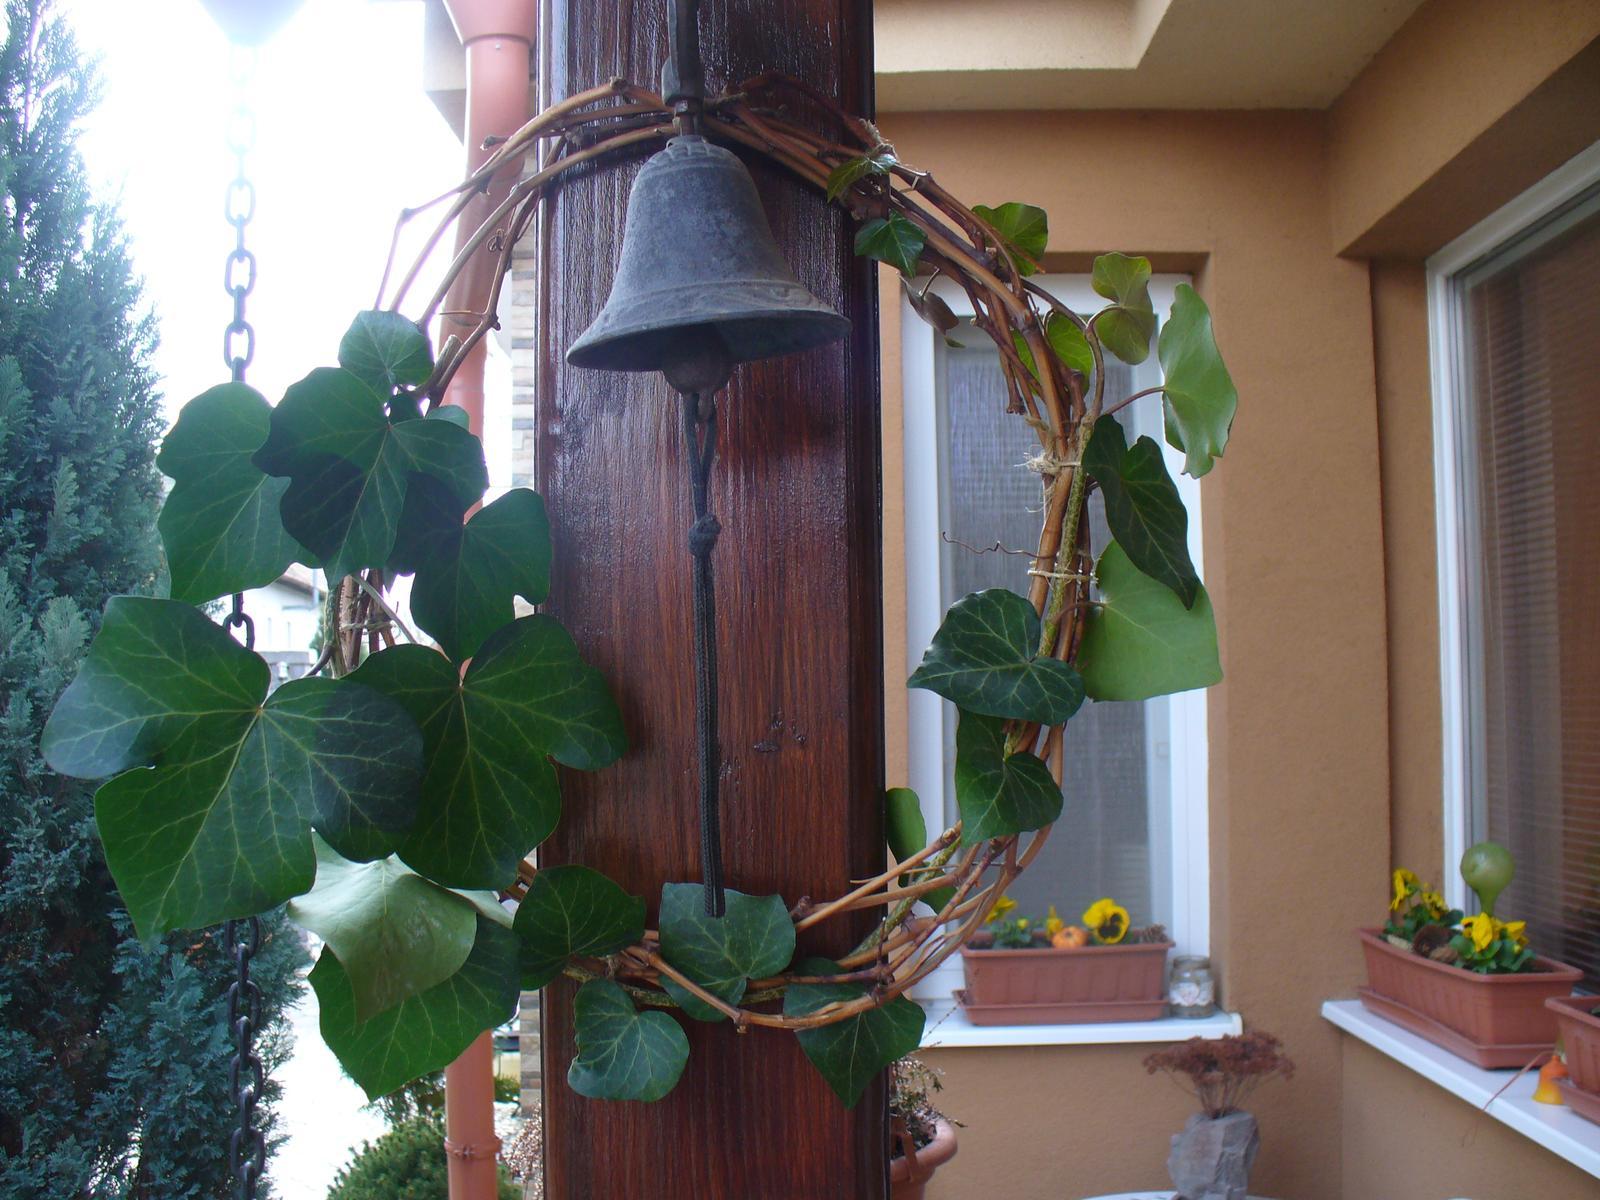 Prerábka, sadenie a úpravy v našej mini záhradke. - ostrihali sme vinič, spravila som venček, ozdobila brečtanom